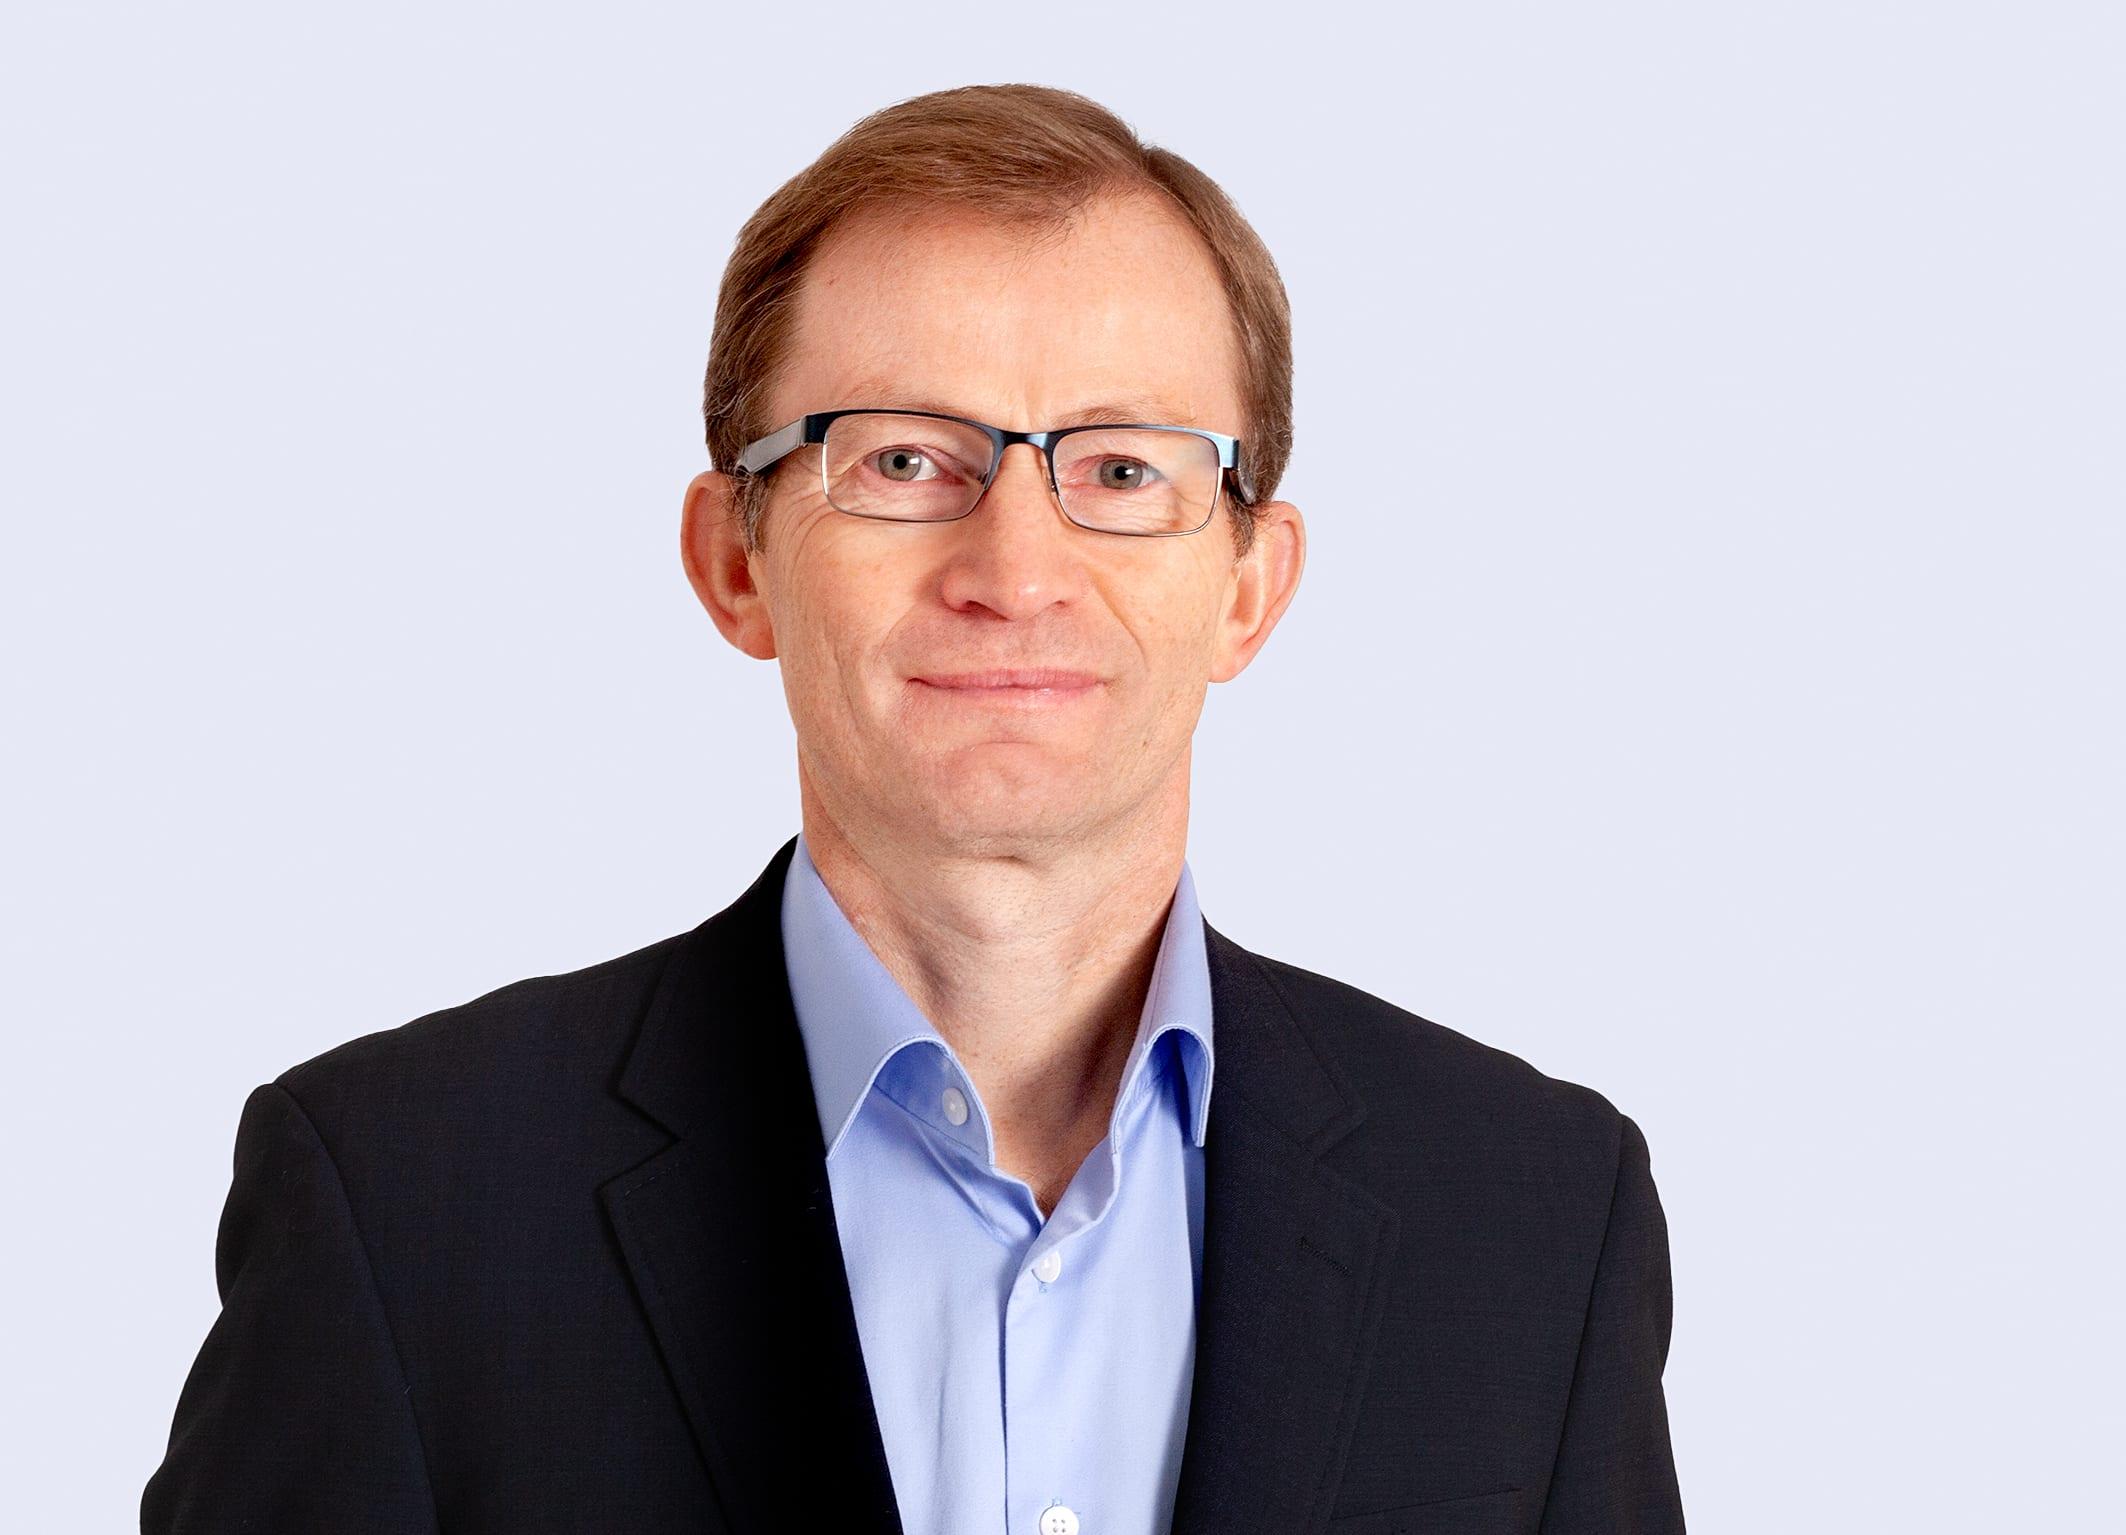 Stig Gjethammer